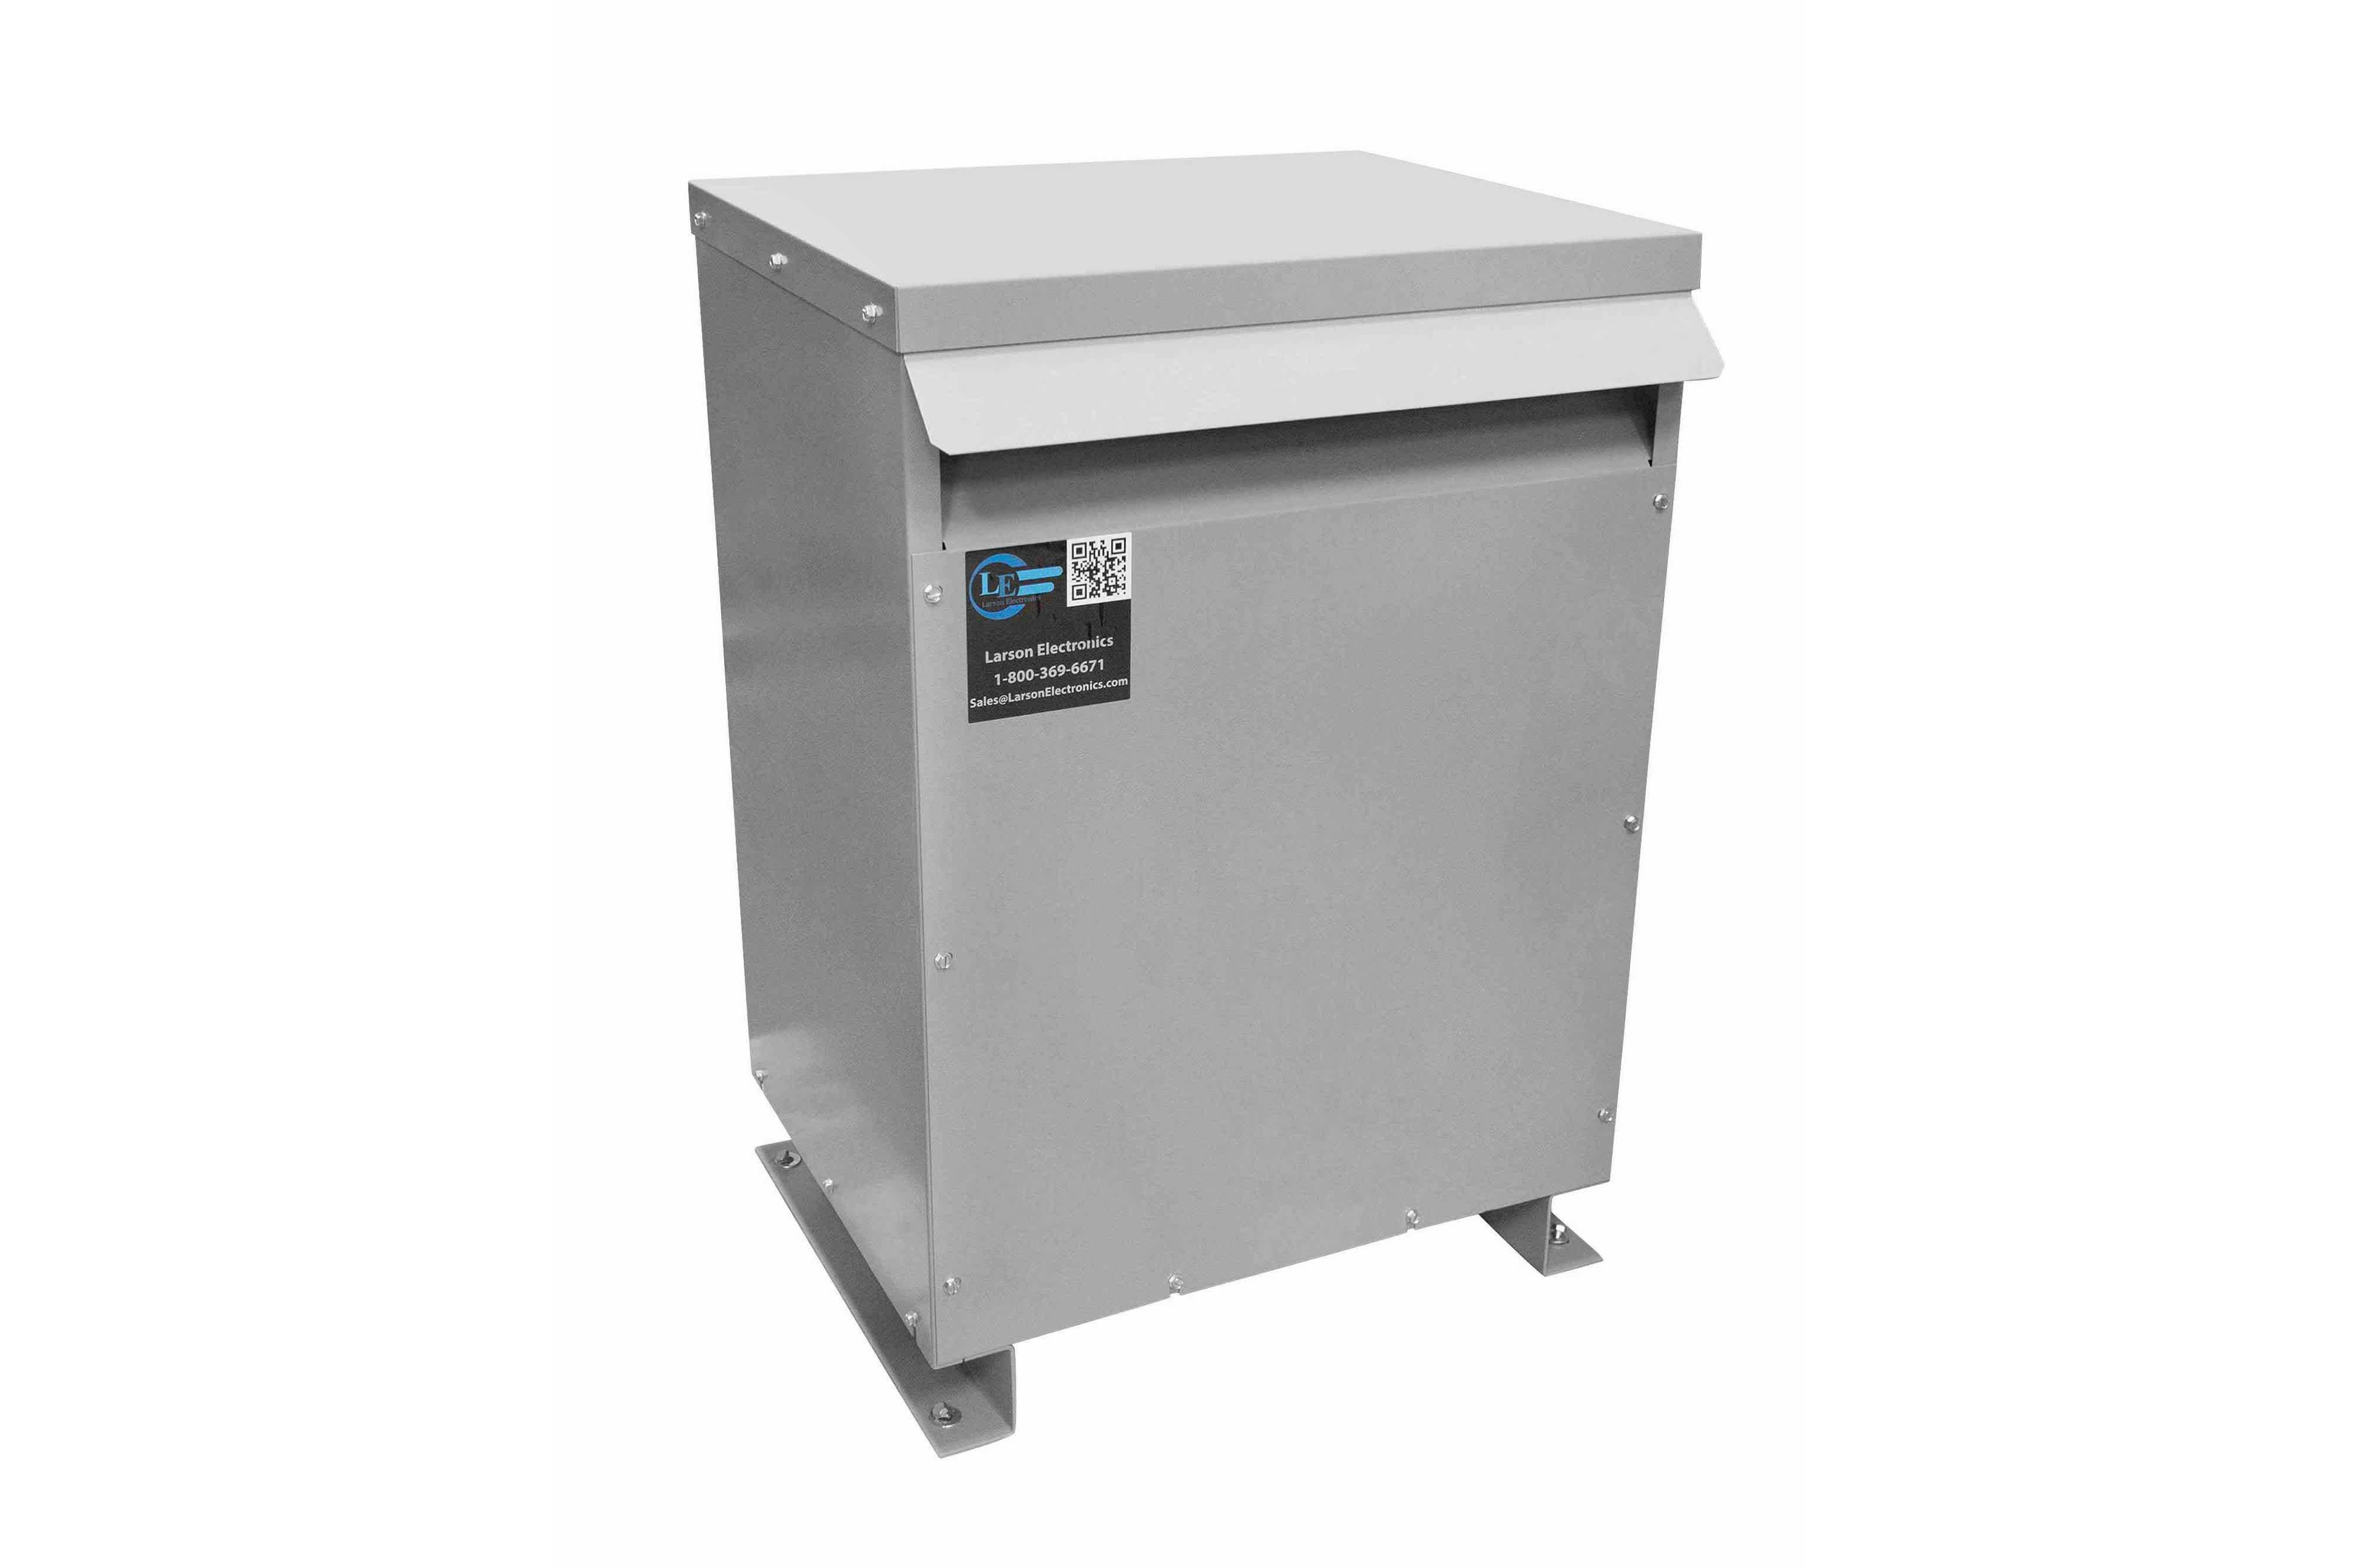 112.5 kVA 3PH Isolation Transformer, 460V Delta Primary, 208V Delta Secondary, N3R, Ventilated, 60 Hz